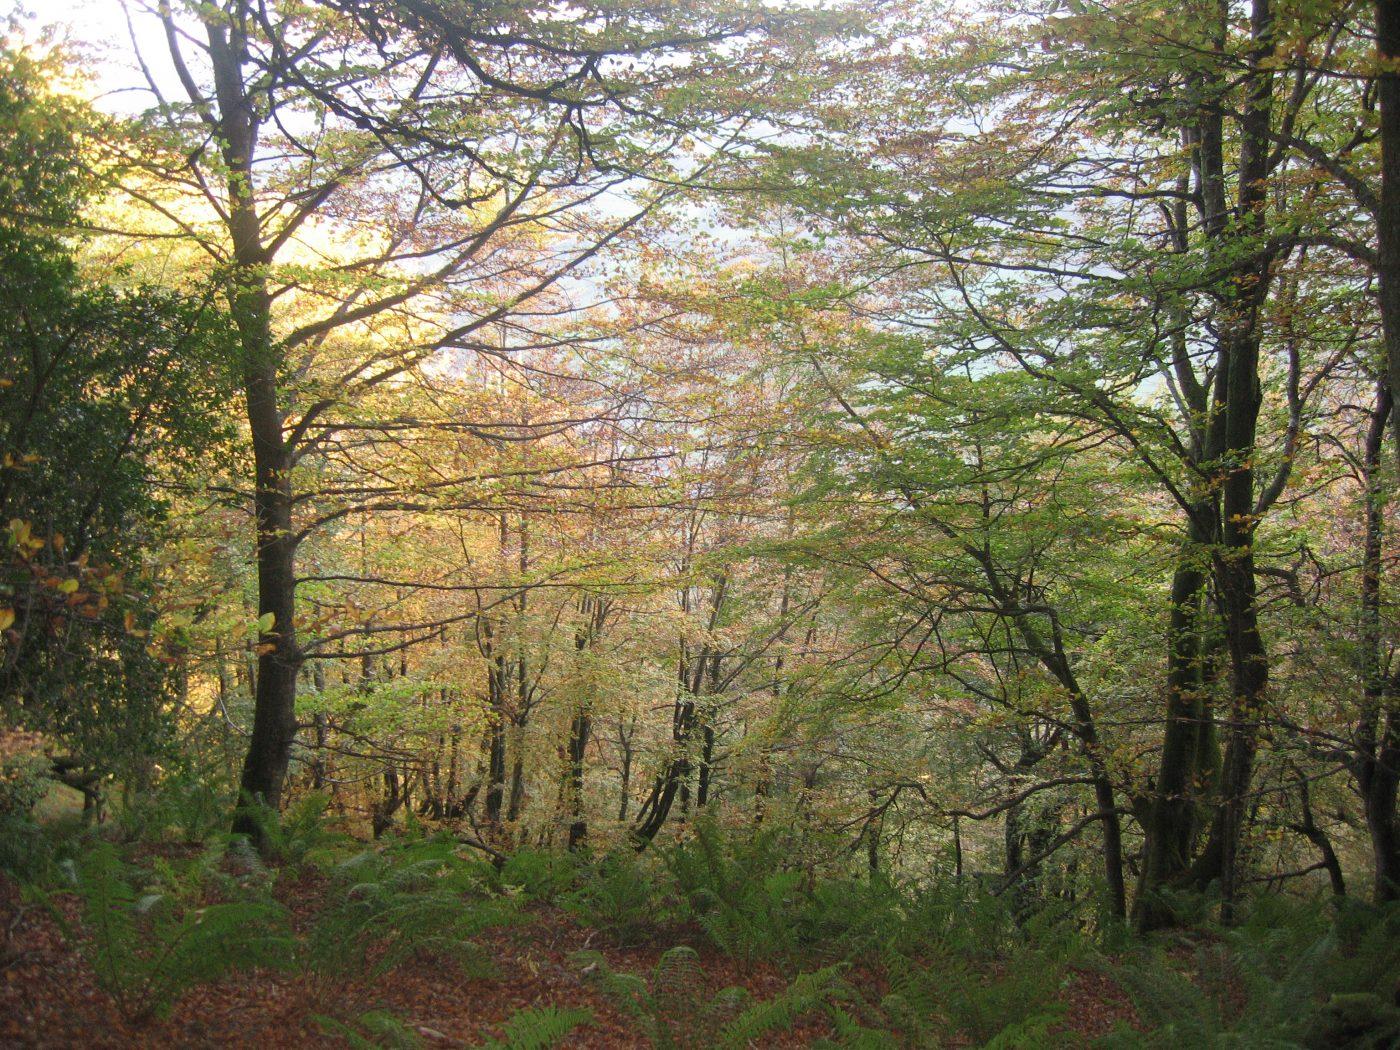 Bosques y Energía en el Día Internacional de los Bosques